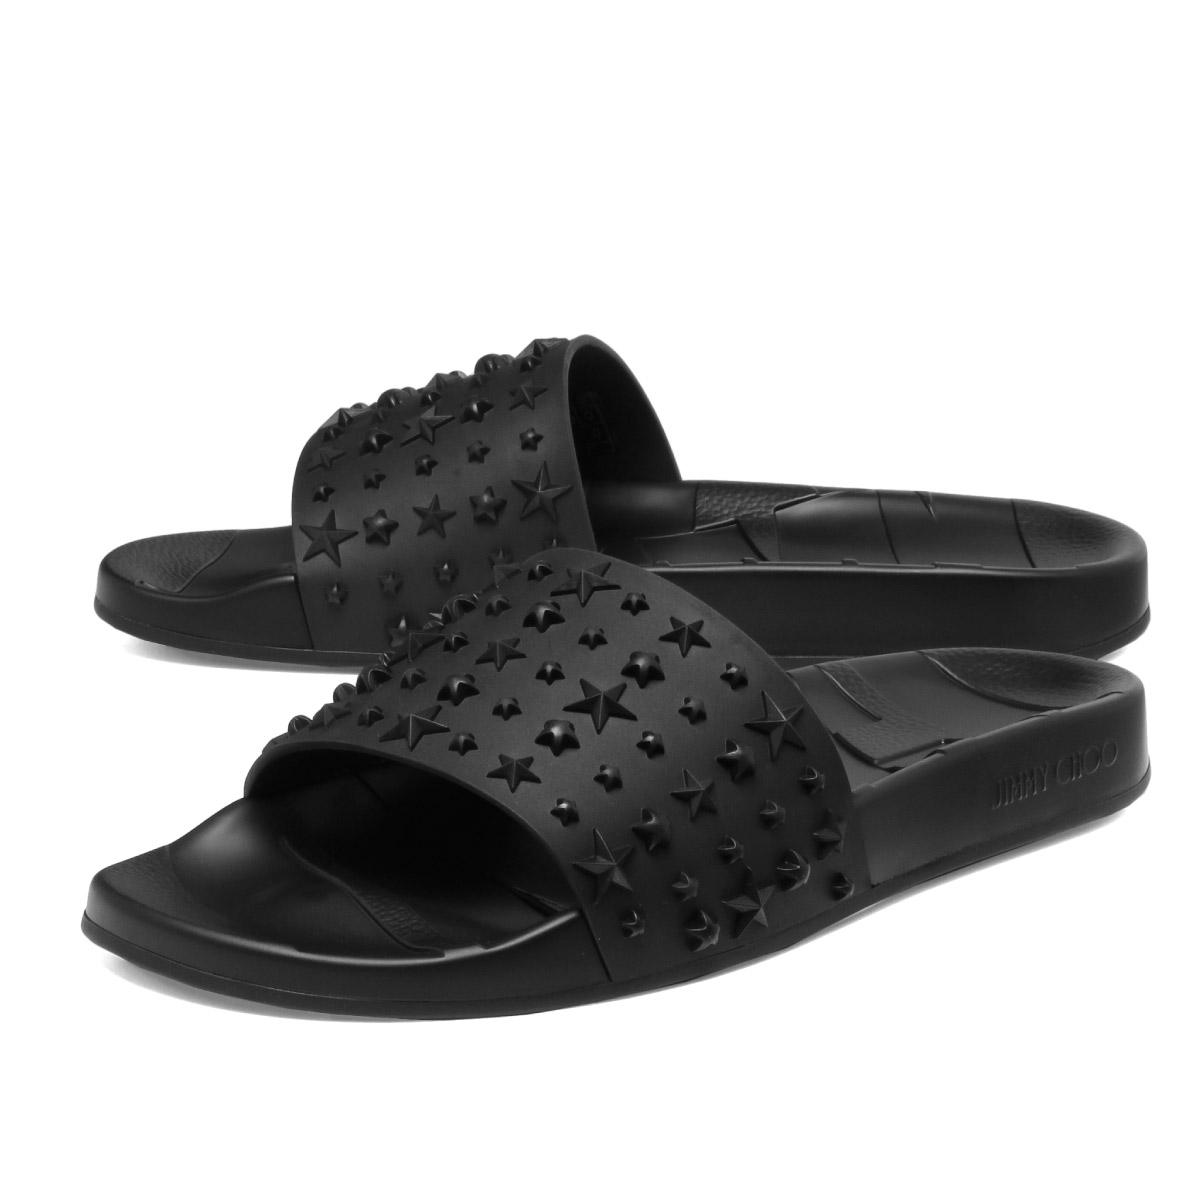 3d1035538c81 ジミーチュウ JIMMY CHOO shoes men REY M ERU sandals REY lei BLACK BLACK black